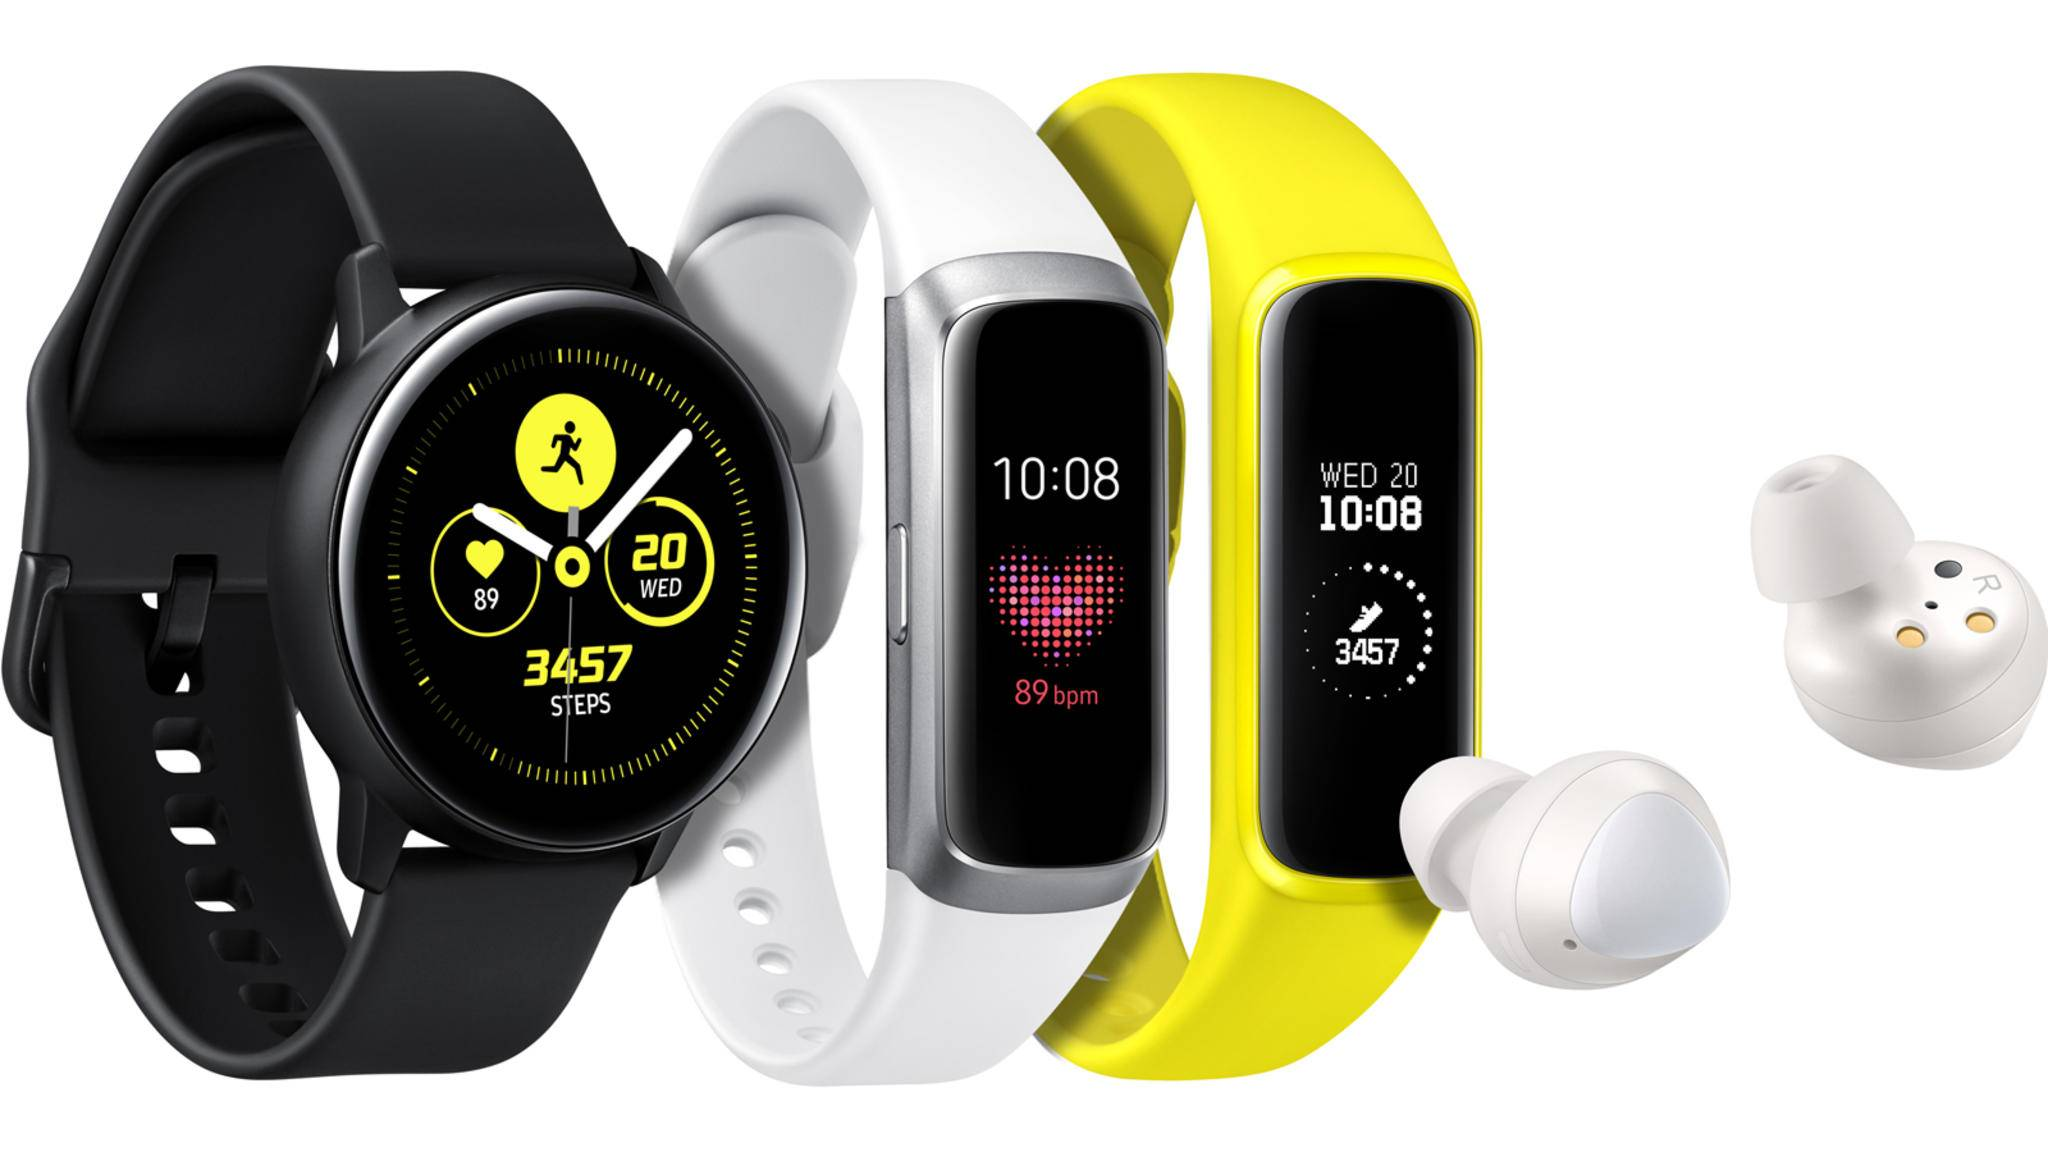 Endlich vorgestellt: Samsung Galaxy Watch Active, Samsung Galaxy Fit und die Samsung Galaxy Buds.